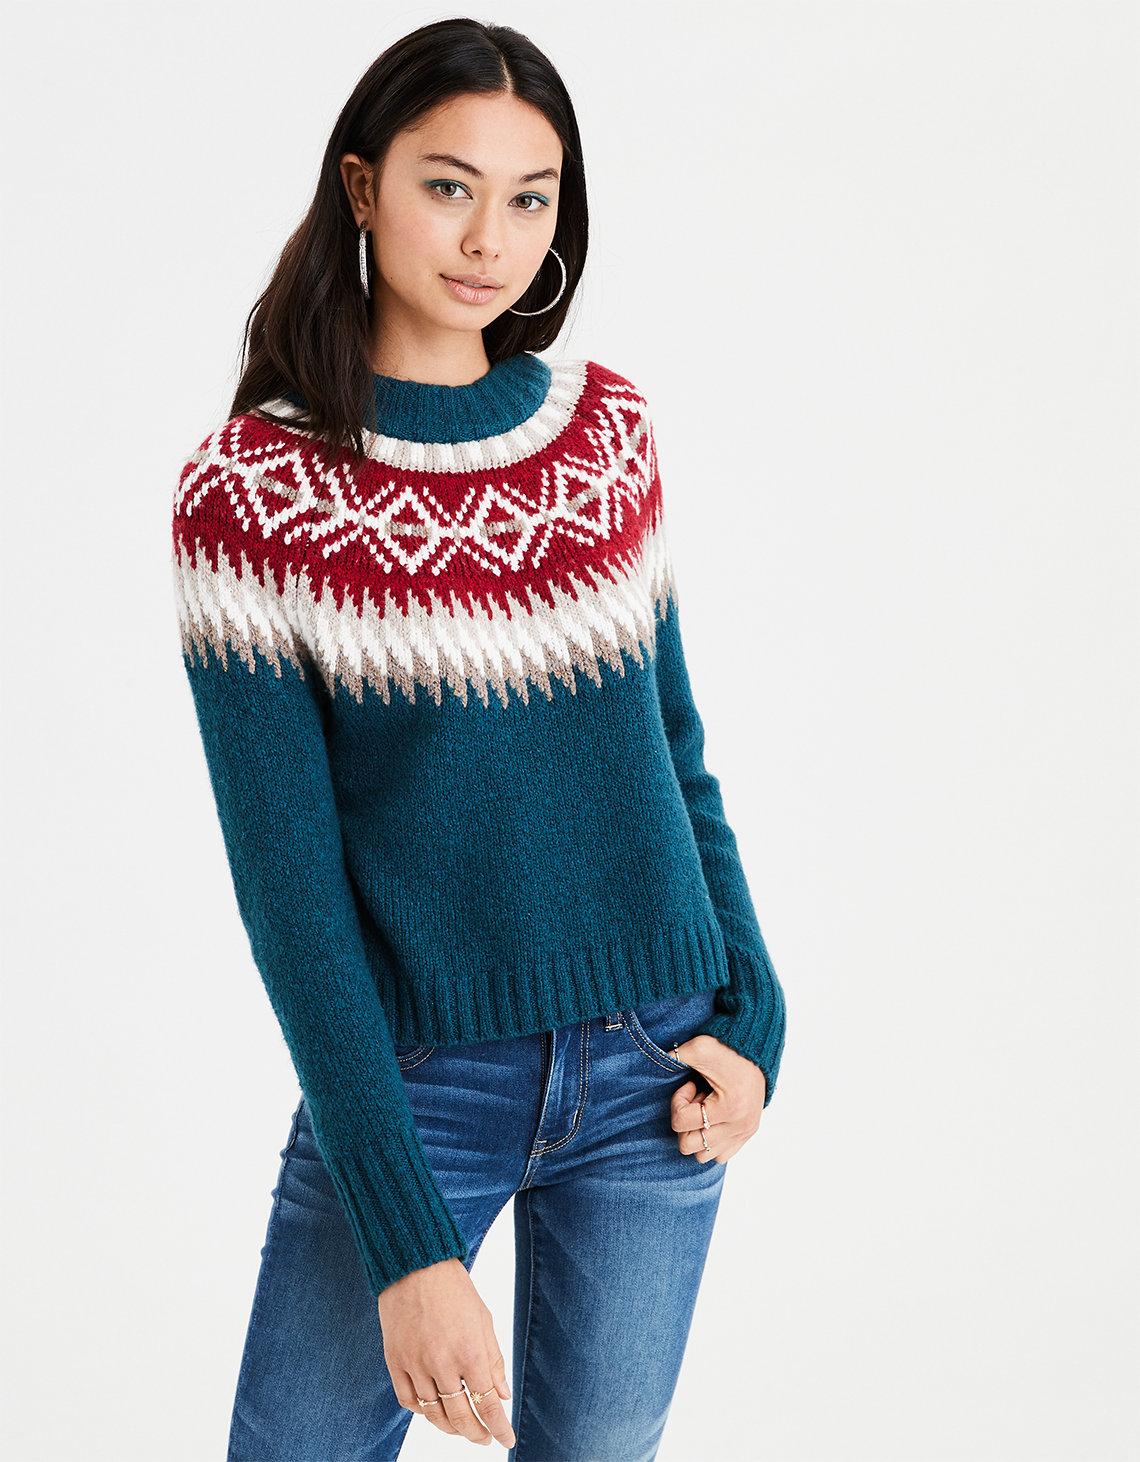 AE Fair Isle Pullover Sweater, Teal